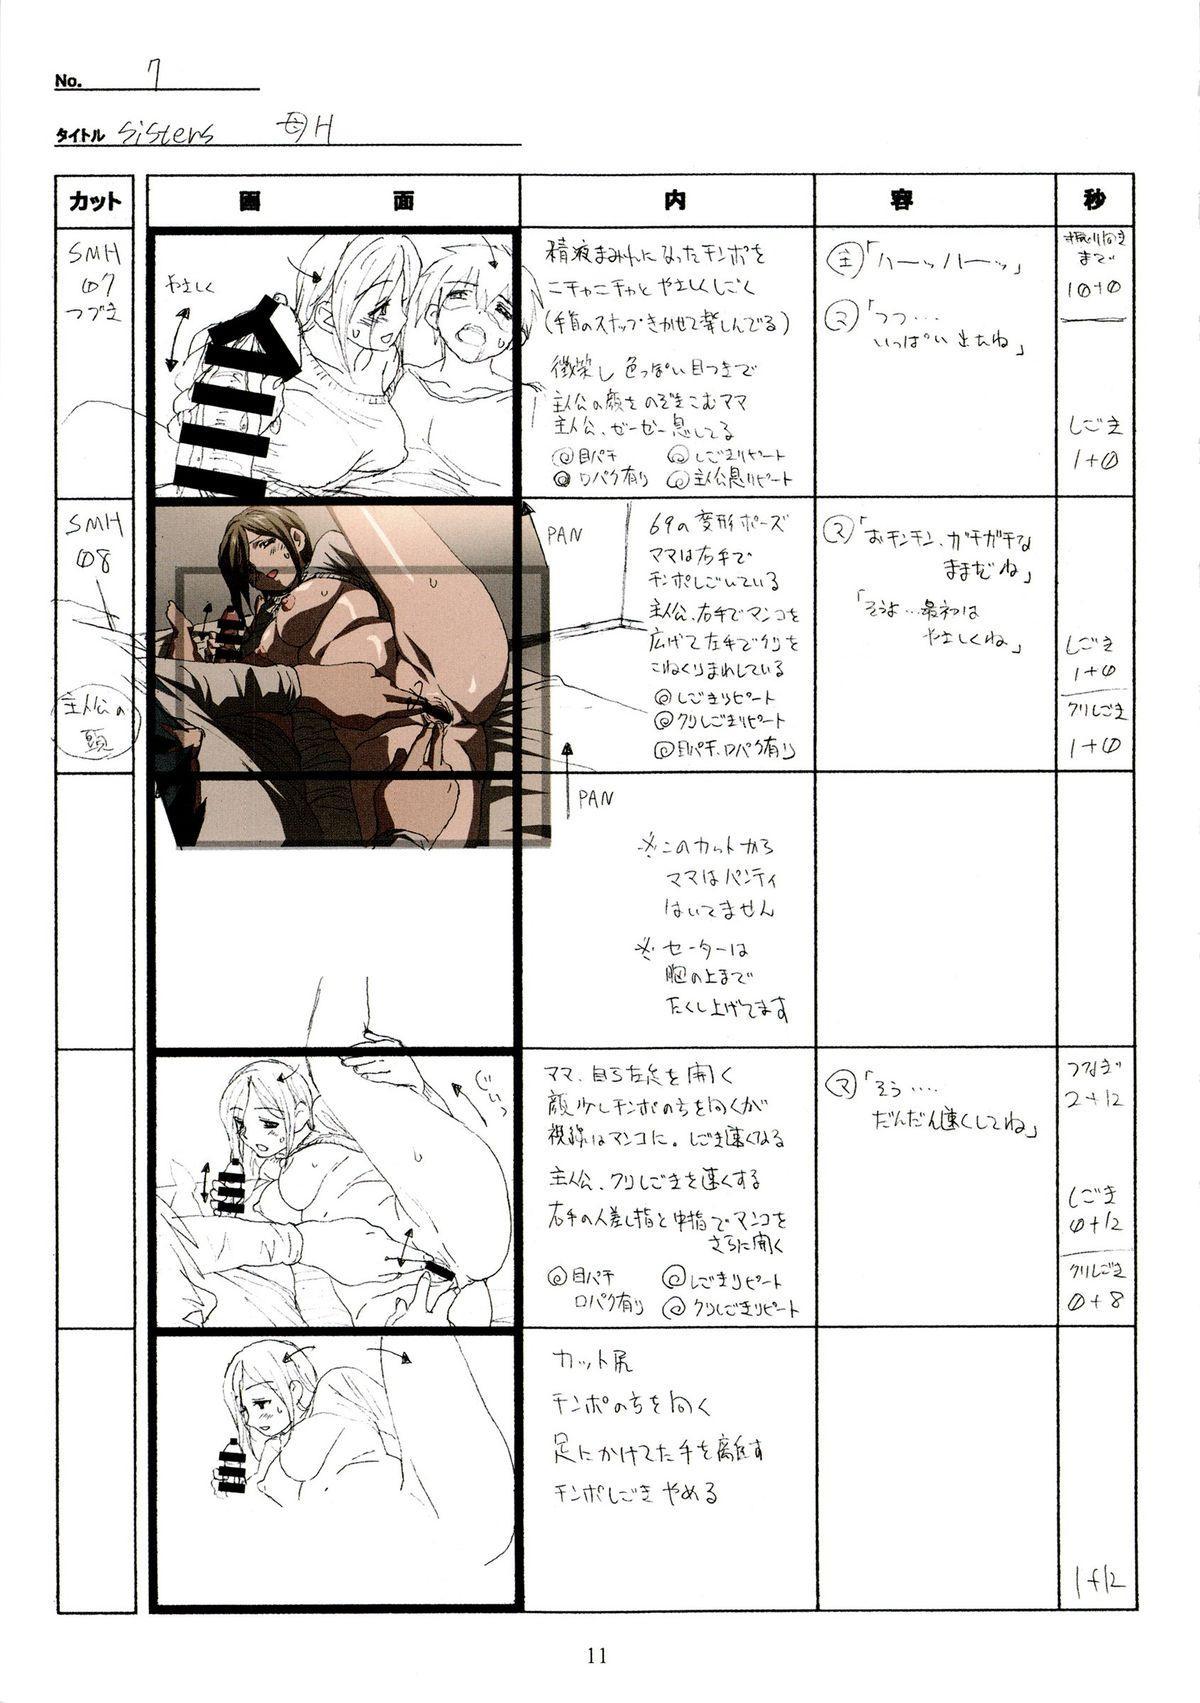 (C89) [Makino Jimusho (Taki Minashika)] SISTERS -Natsu no Saigo no Hi- H Scene All Part Storyboard (SISTERS -Natsu no Saigo no Hi-) 10